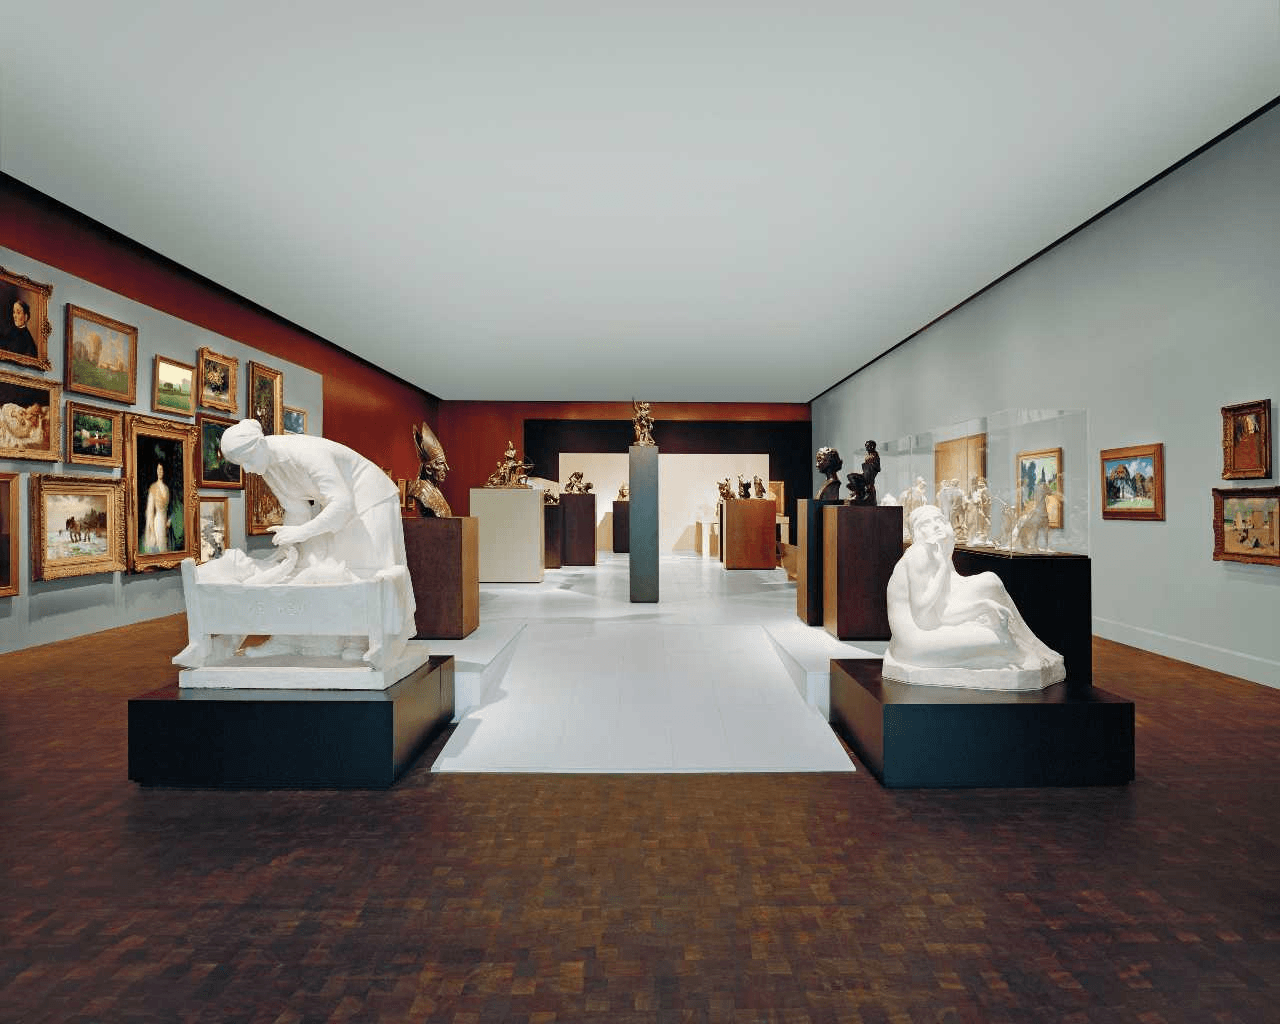 30 minutes avec les oeuvres d'une collection : art québécois et canadien (FR)